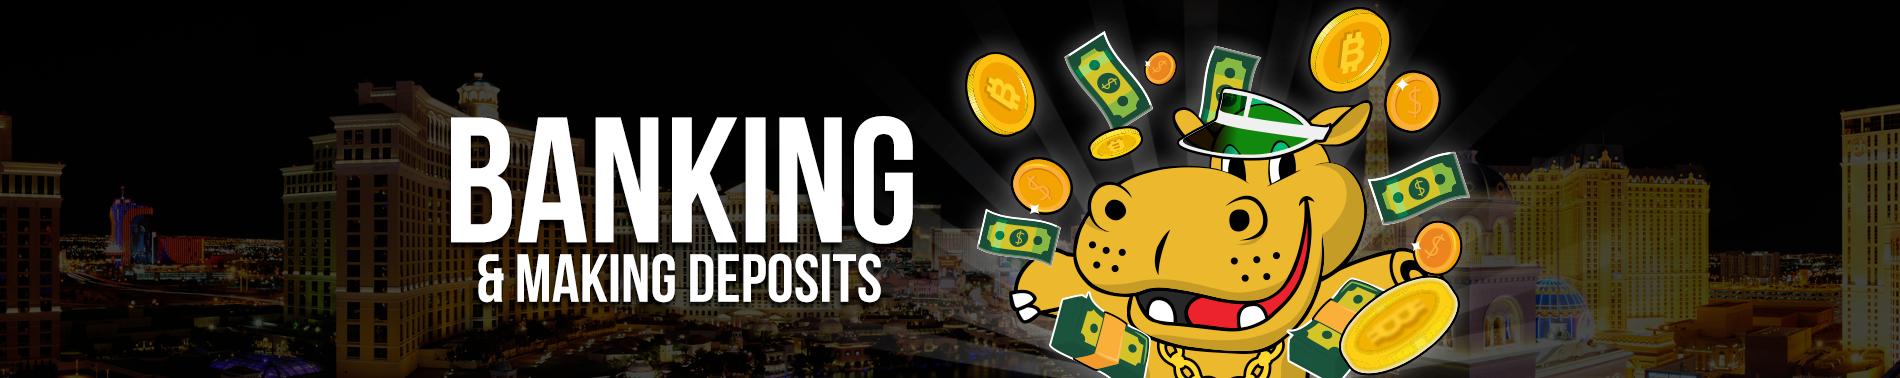 Banking & Making Deposits